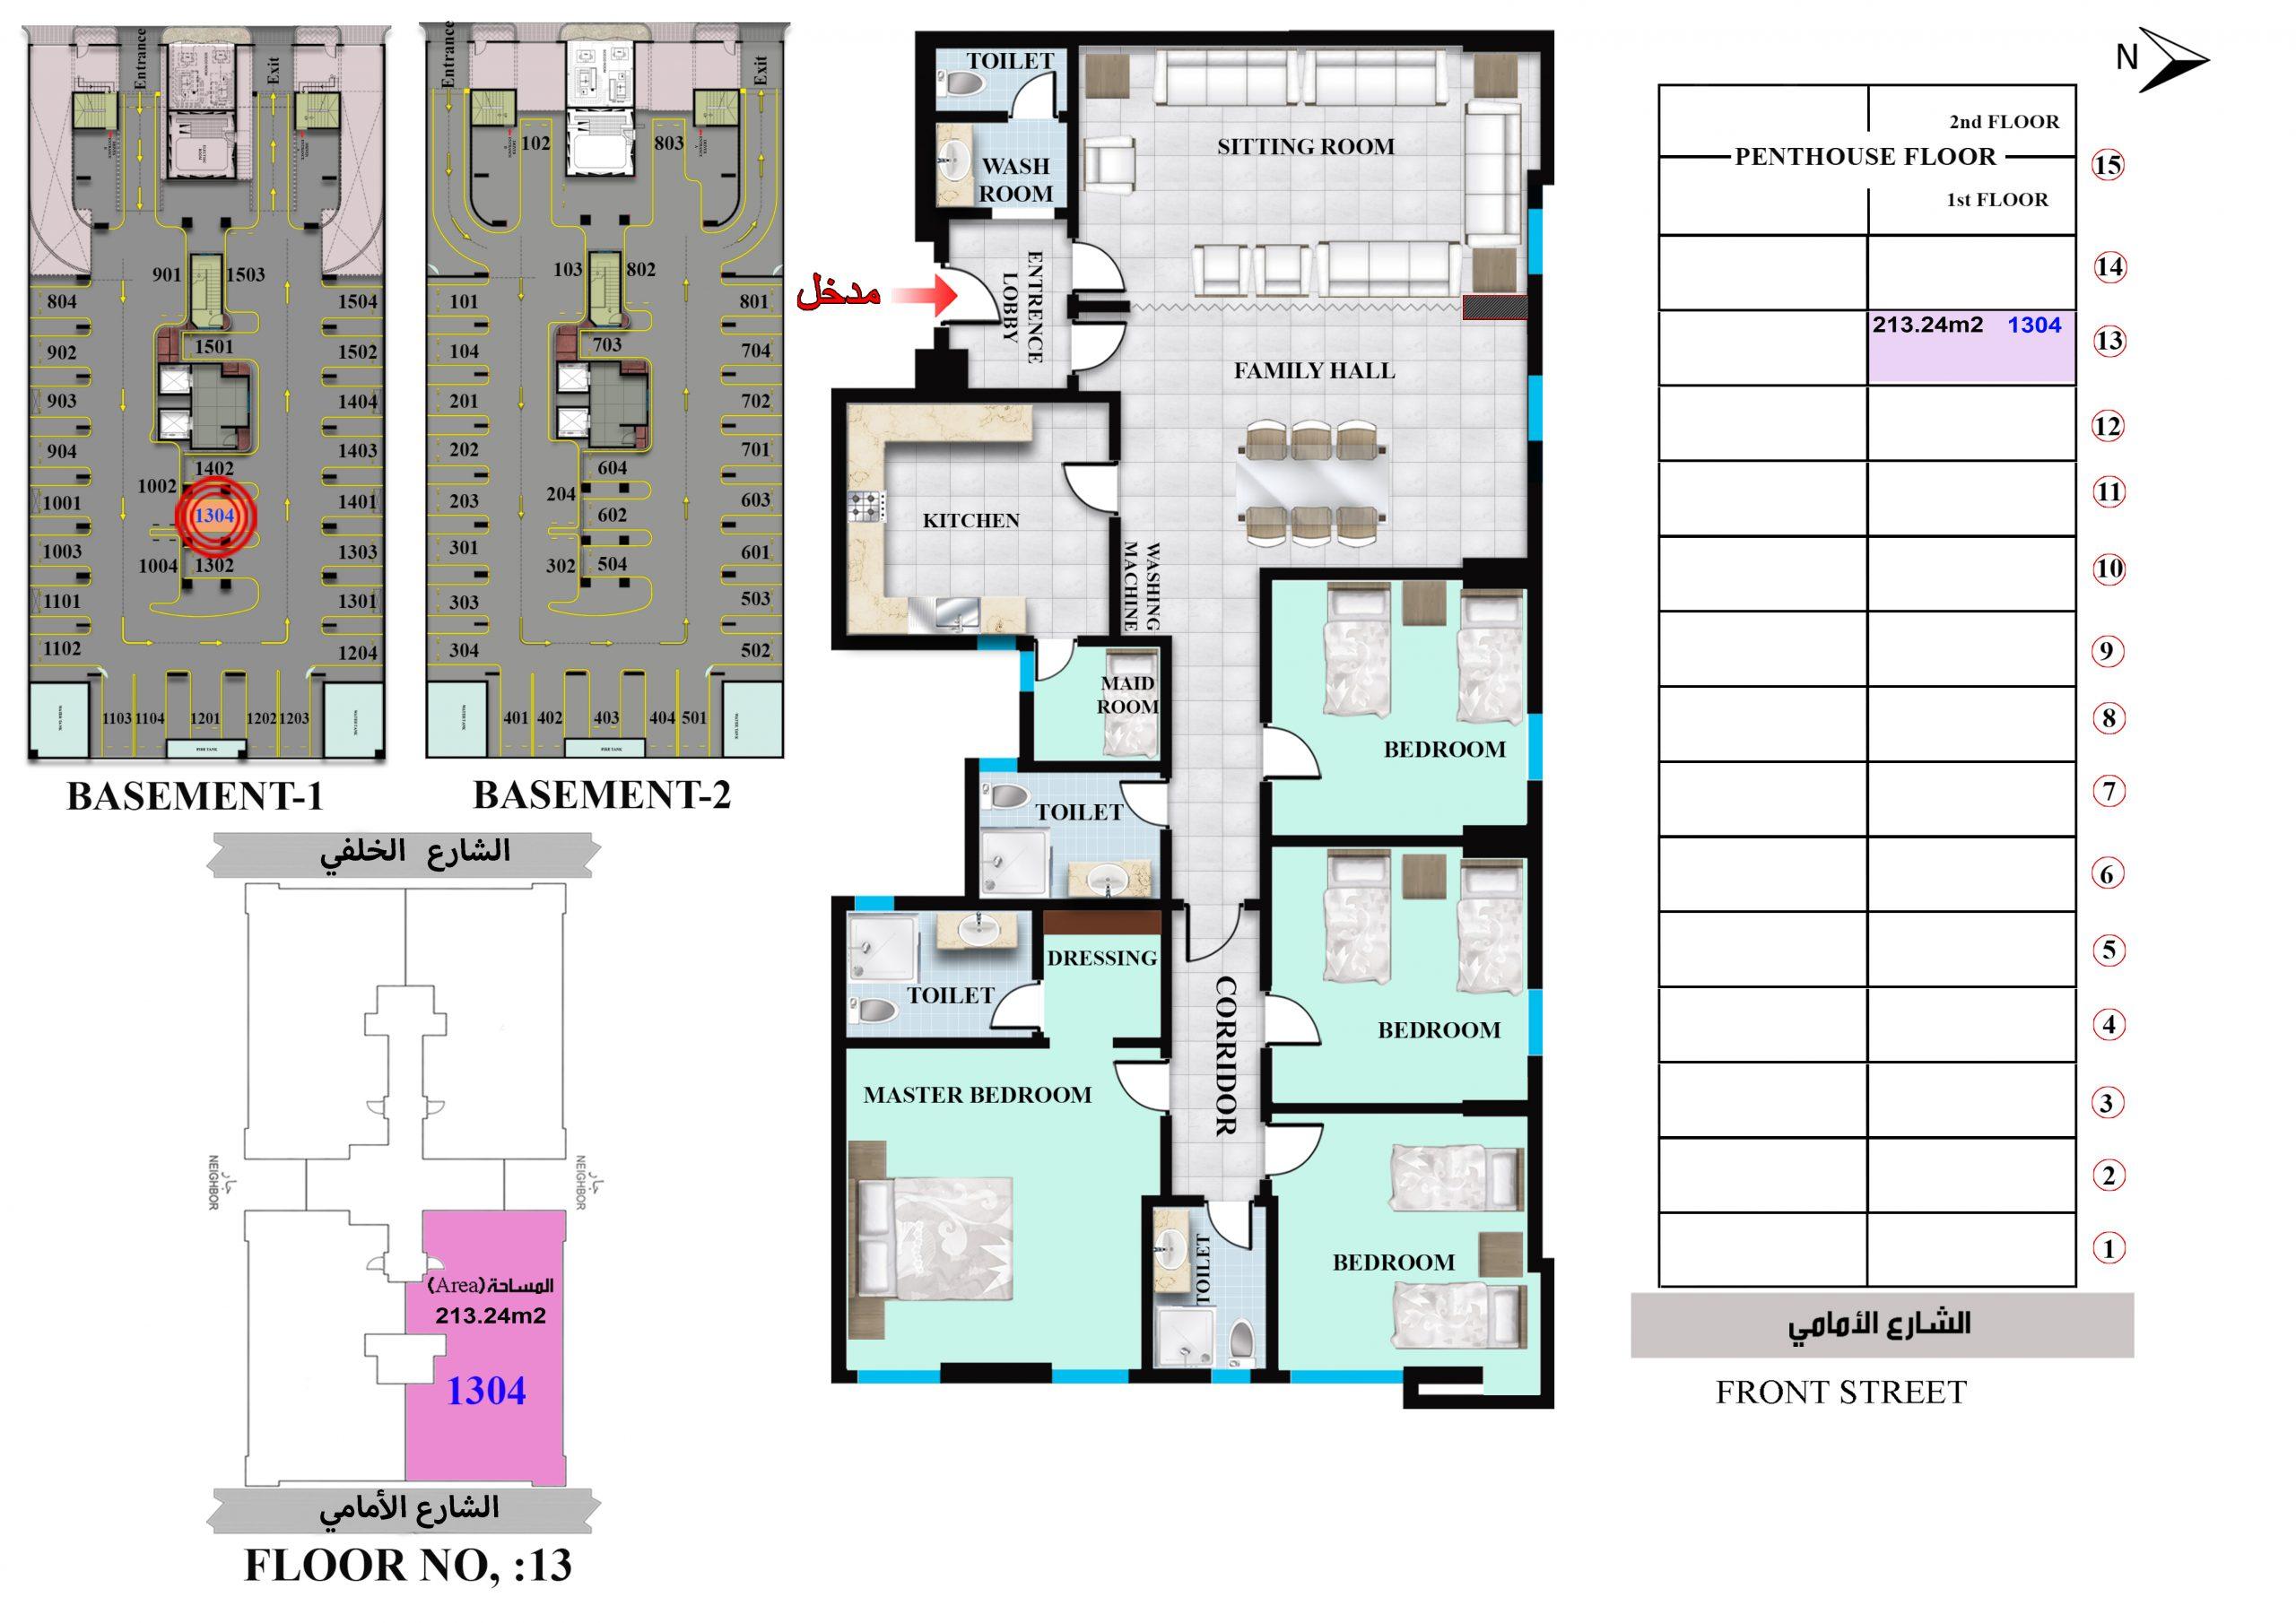 شقة رقم 1304